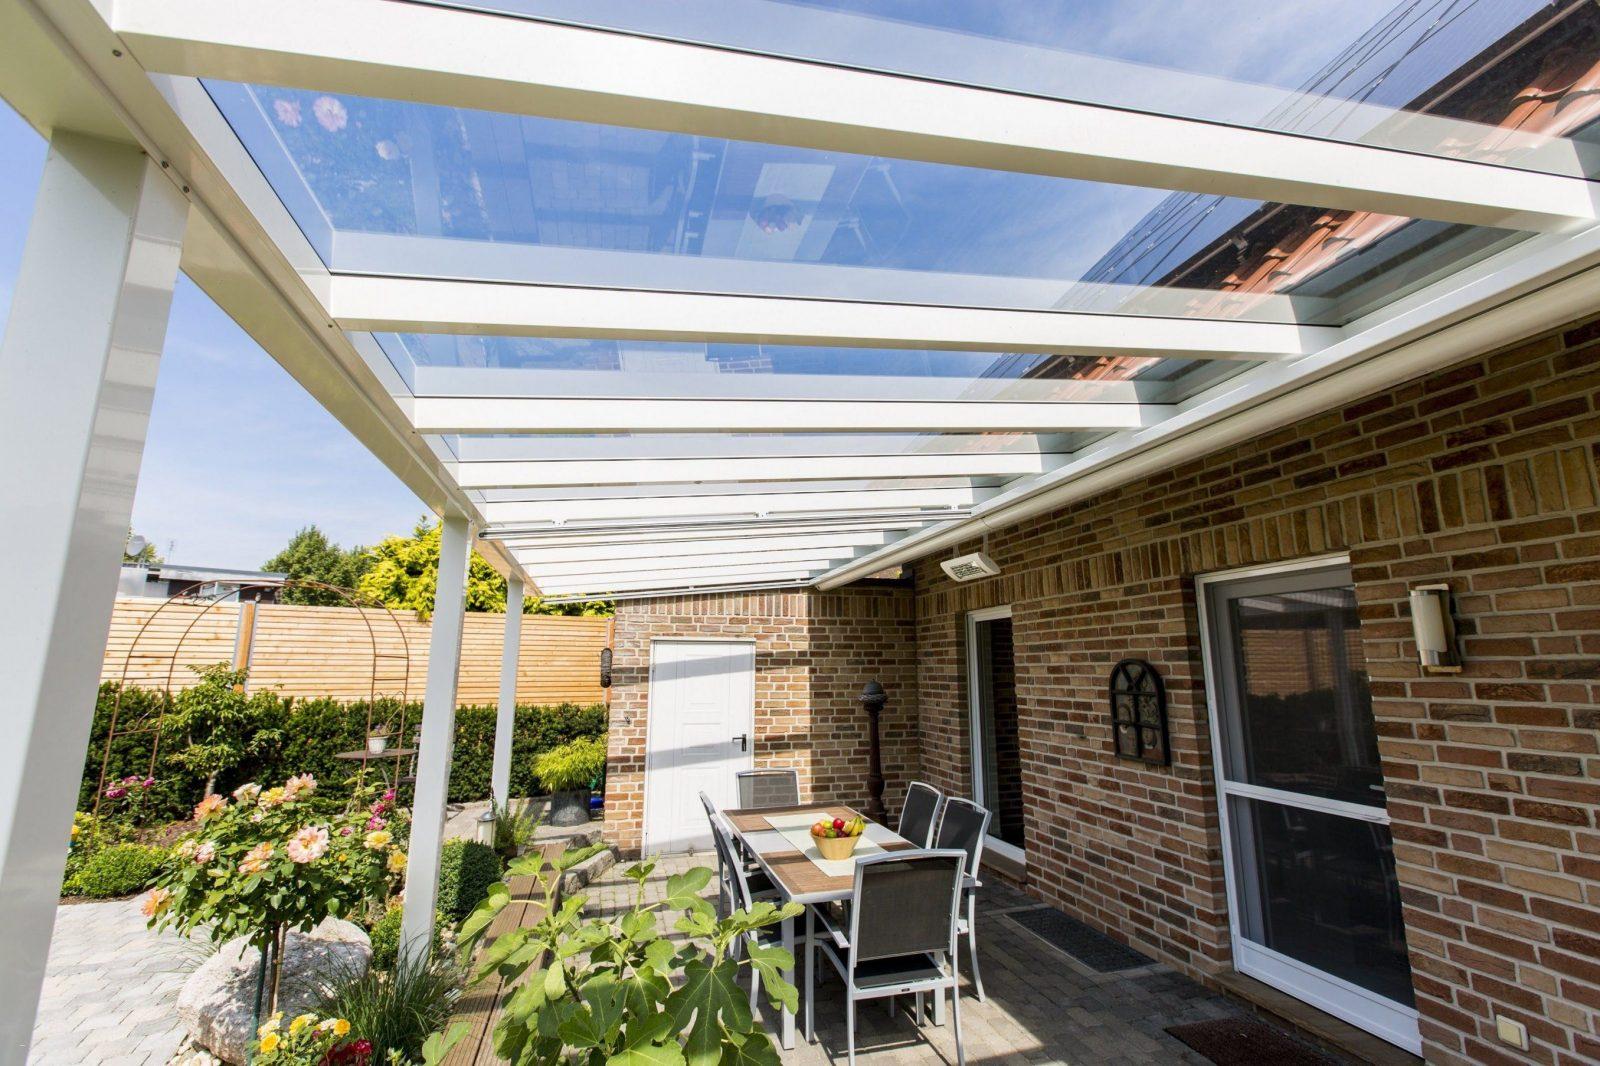 Pergola Selber Bauen Terrasse Luxus Pergola Selber Bauen Terrasse von Pergola Selber Bauen Terrasse Bild